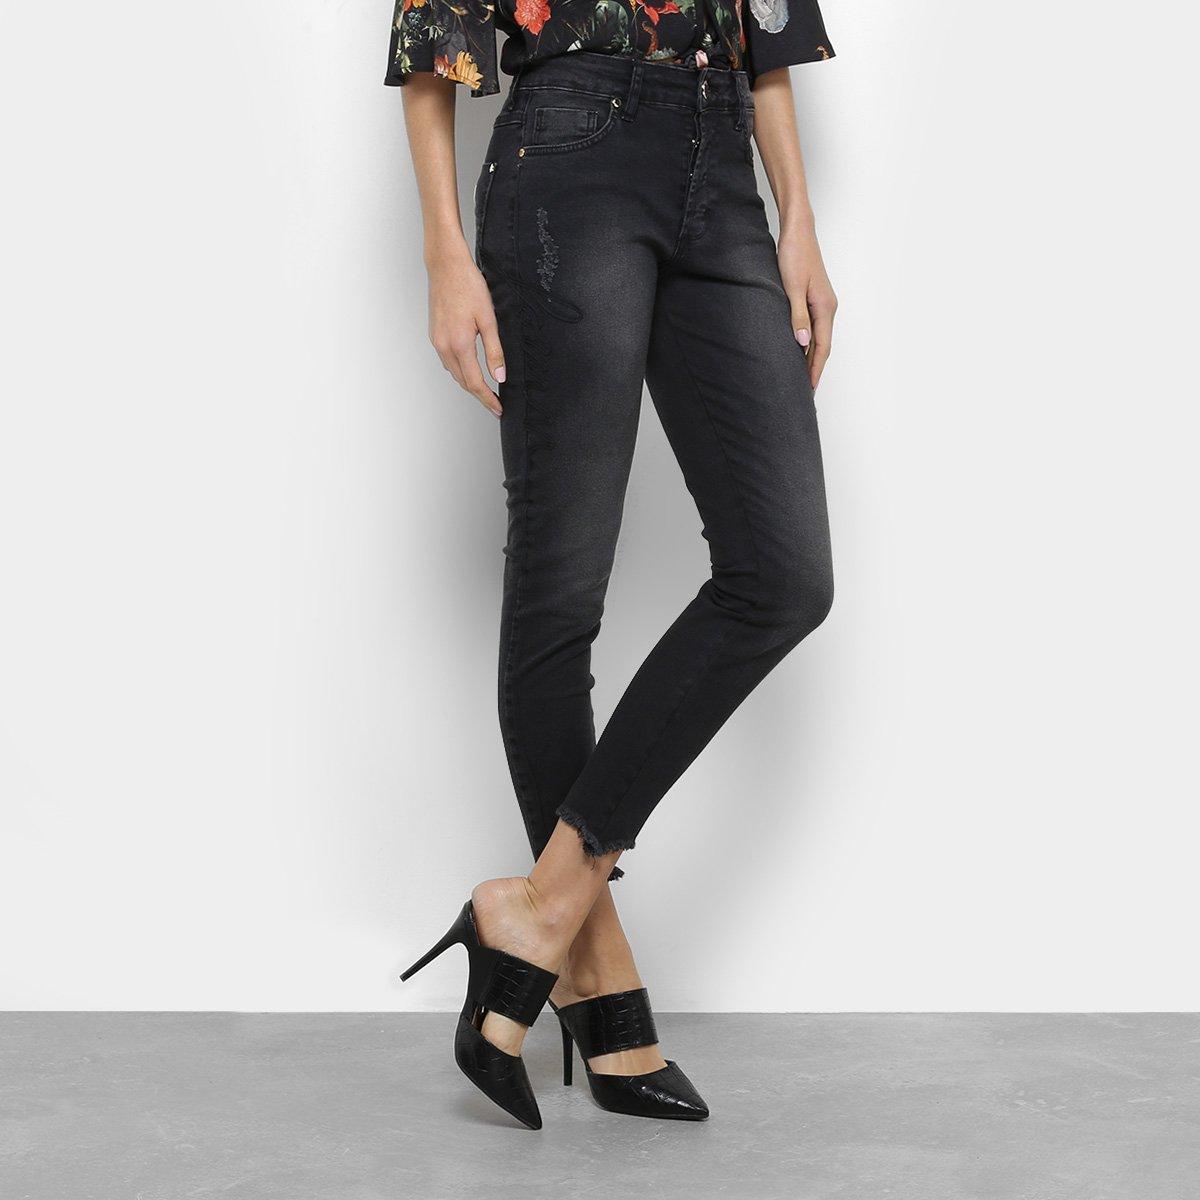 1d9a1d99d4920f Calça Jeans Skinny Cropped Forum Bordada Feminina - Azul Claro e Preto - Compre  Agora